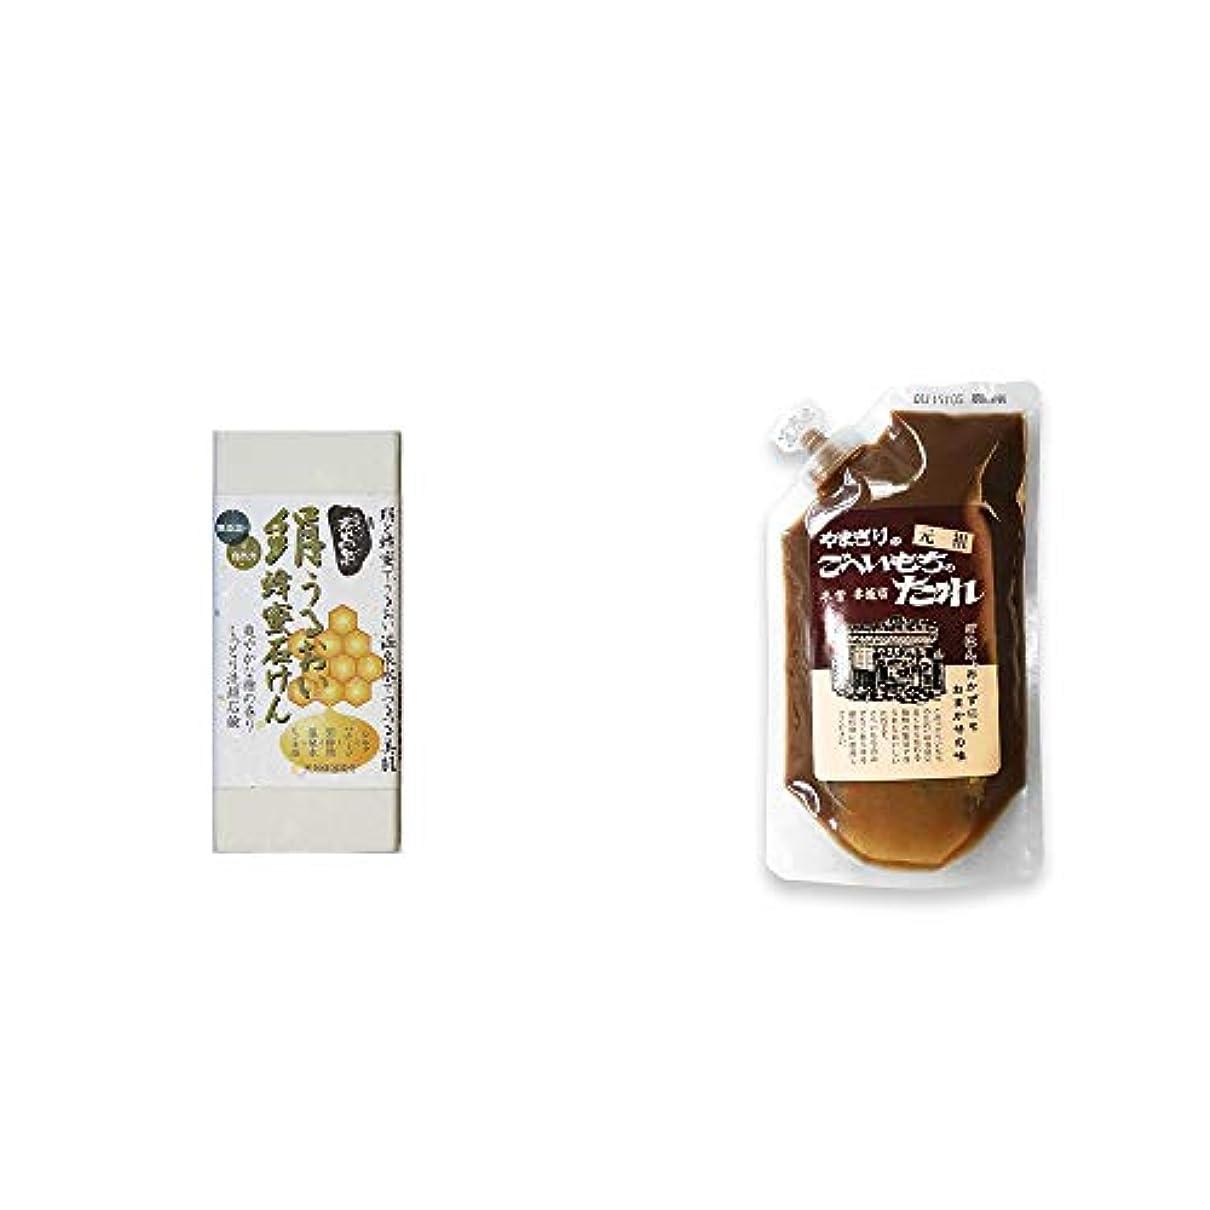 添加剤発生器細い[2点セット] ひのき炭黒泉 絹うるおい蜂蜜石けん(75g×2)?妻籠宿 やまぎり食堂 ごへい餅のたれ(250g)